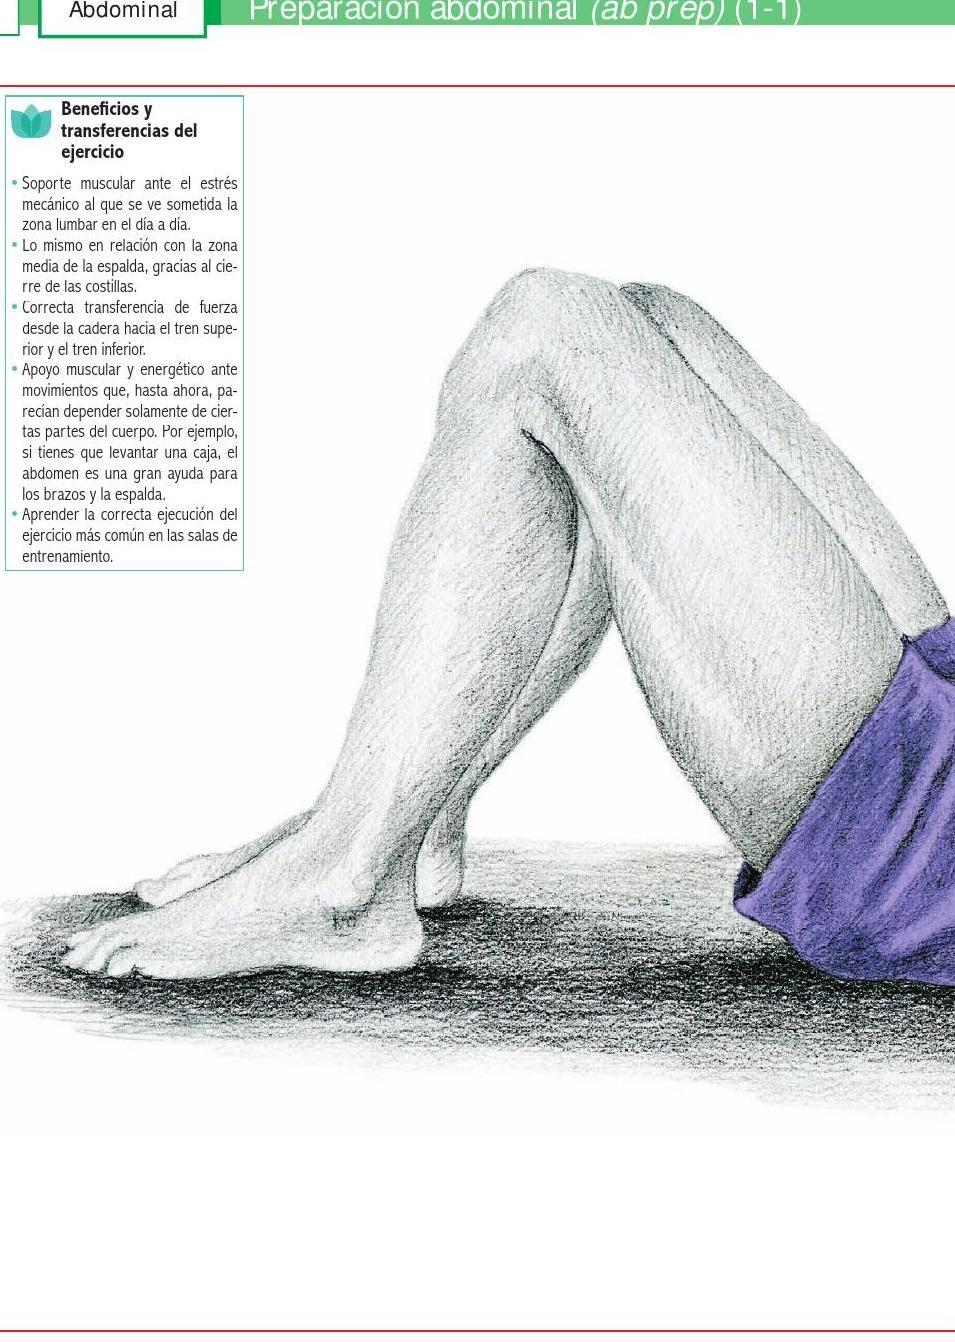 Enciclopedia de ejercicio de pilates 19.